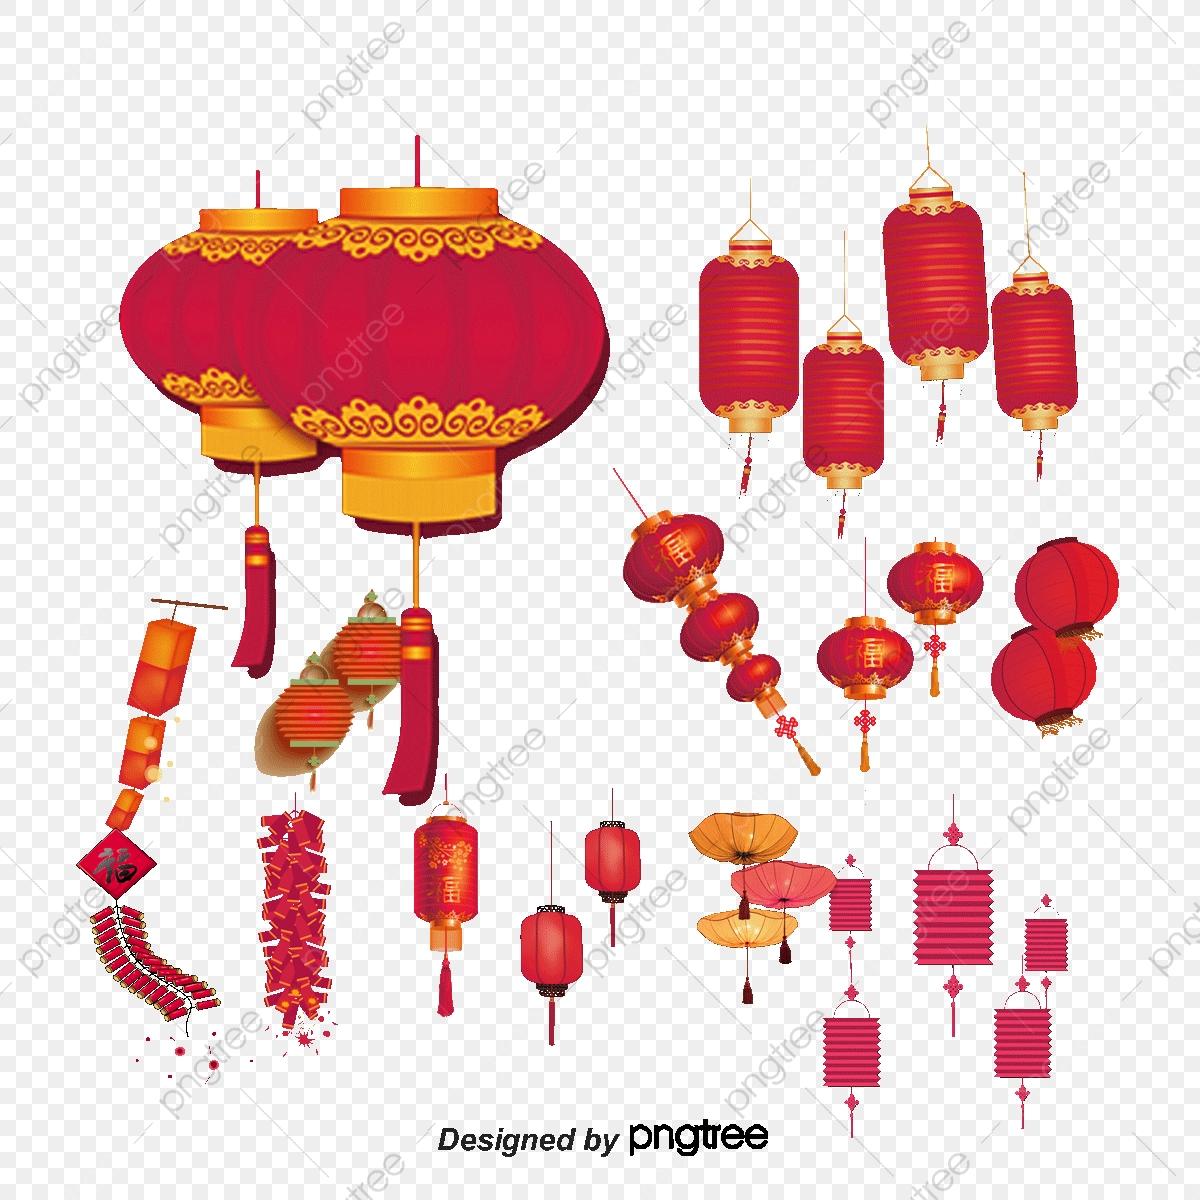 Firecrackers chinese new year. Firecracker clipart lantern